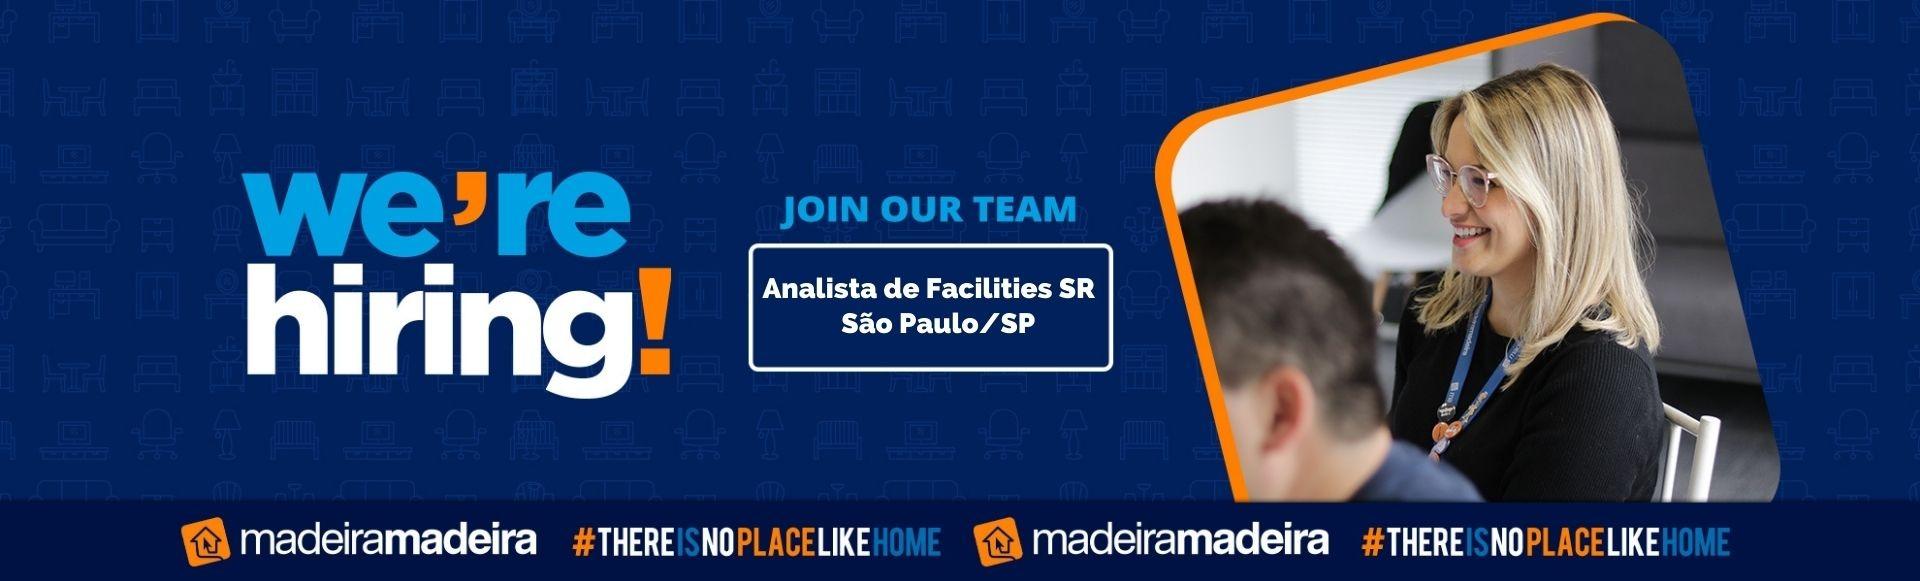 Analista de Facilities SR  - Opening Guide Shop (São Paulo - SP)